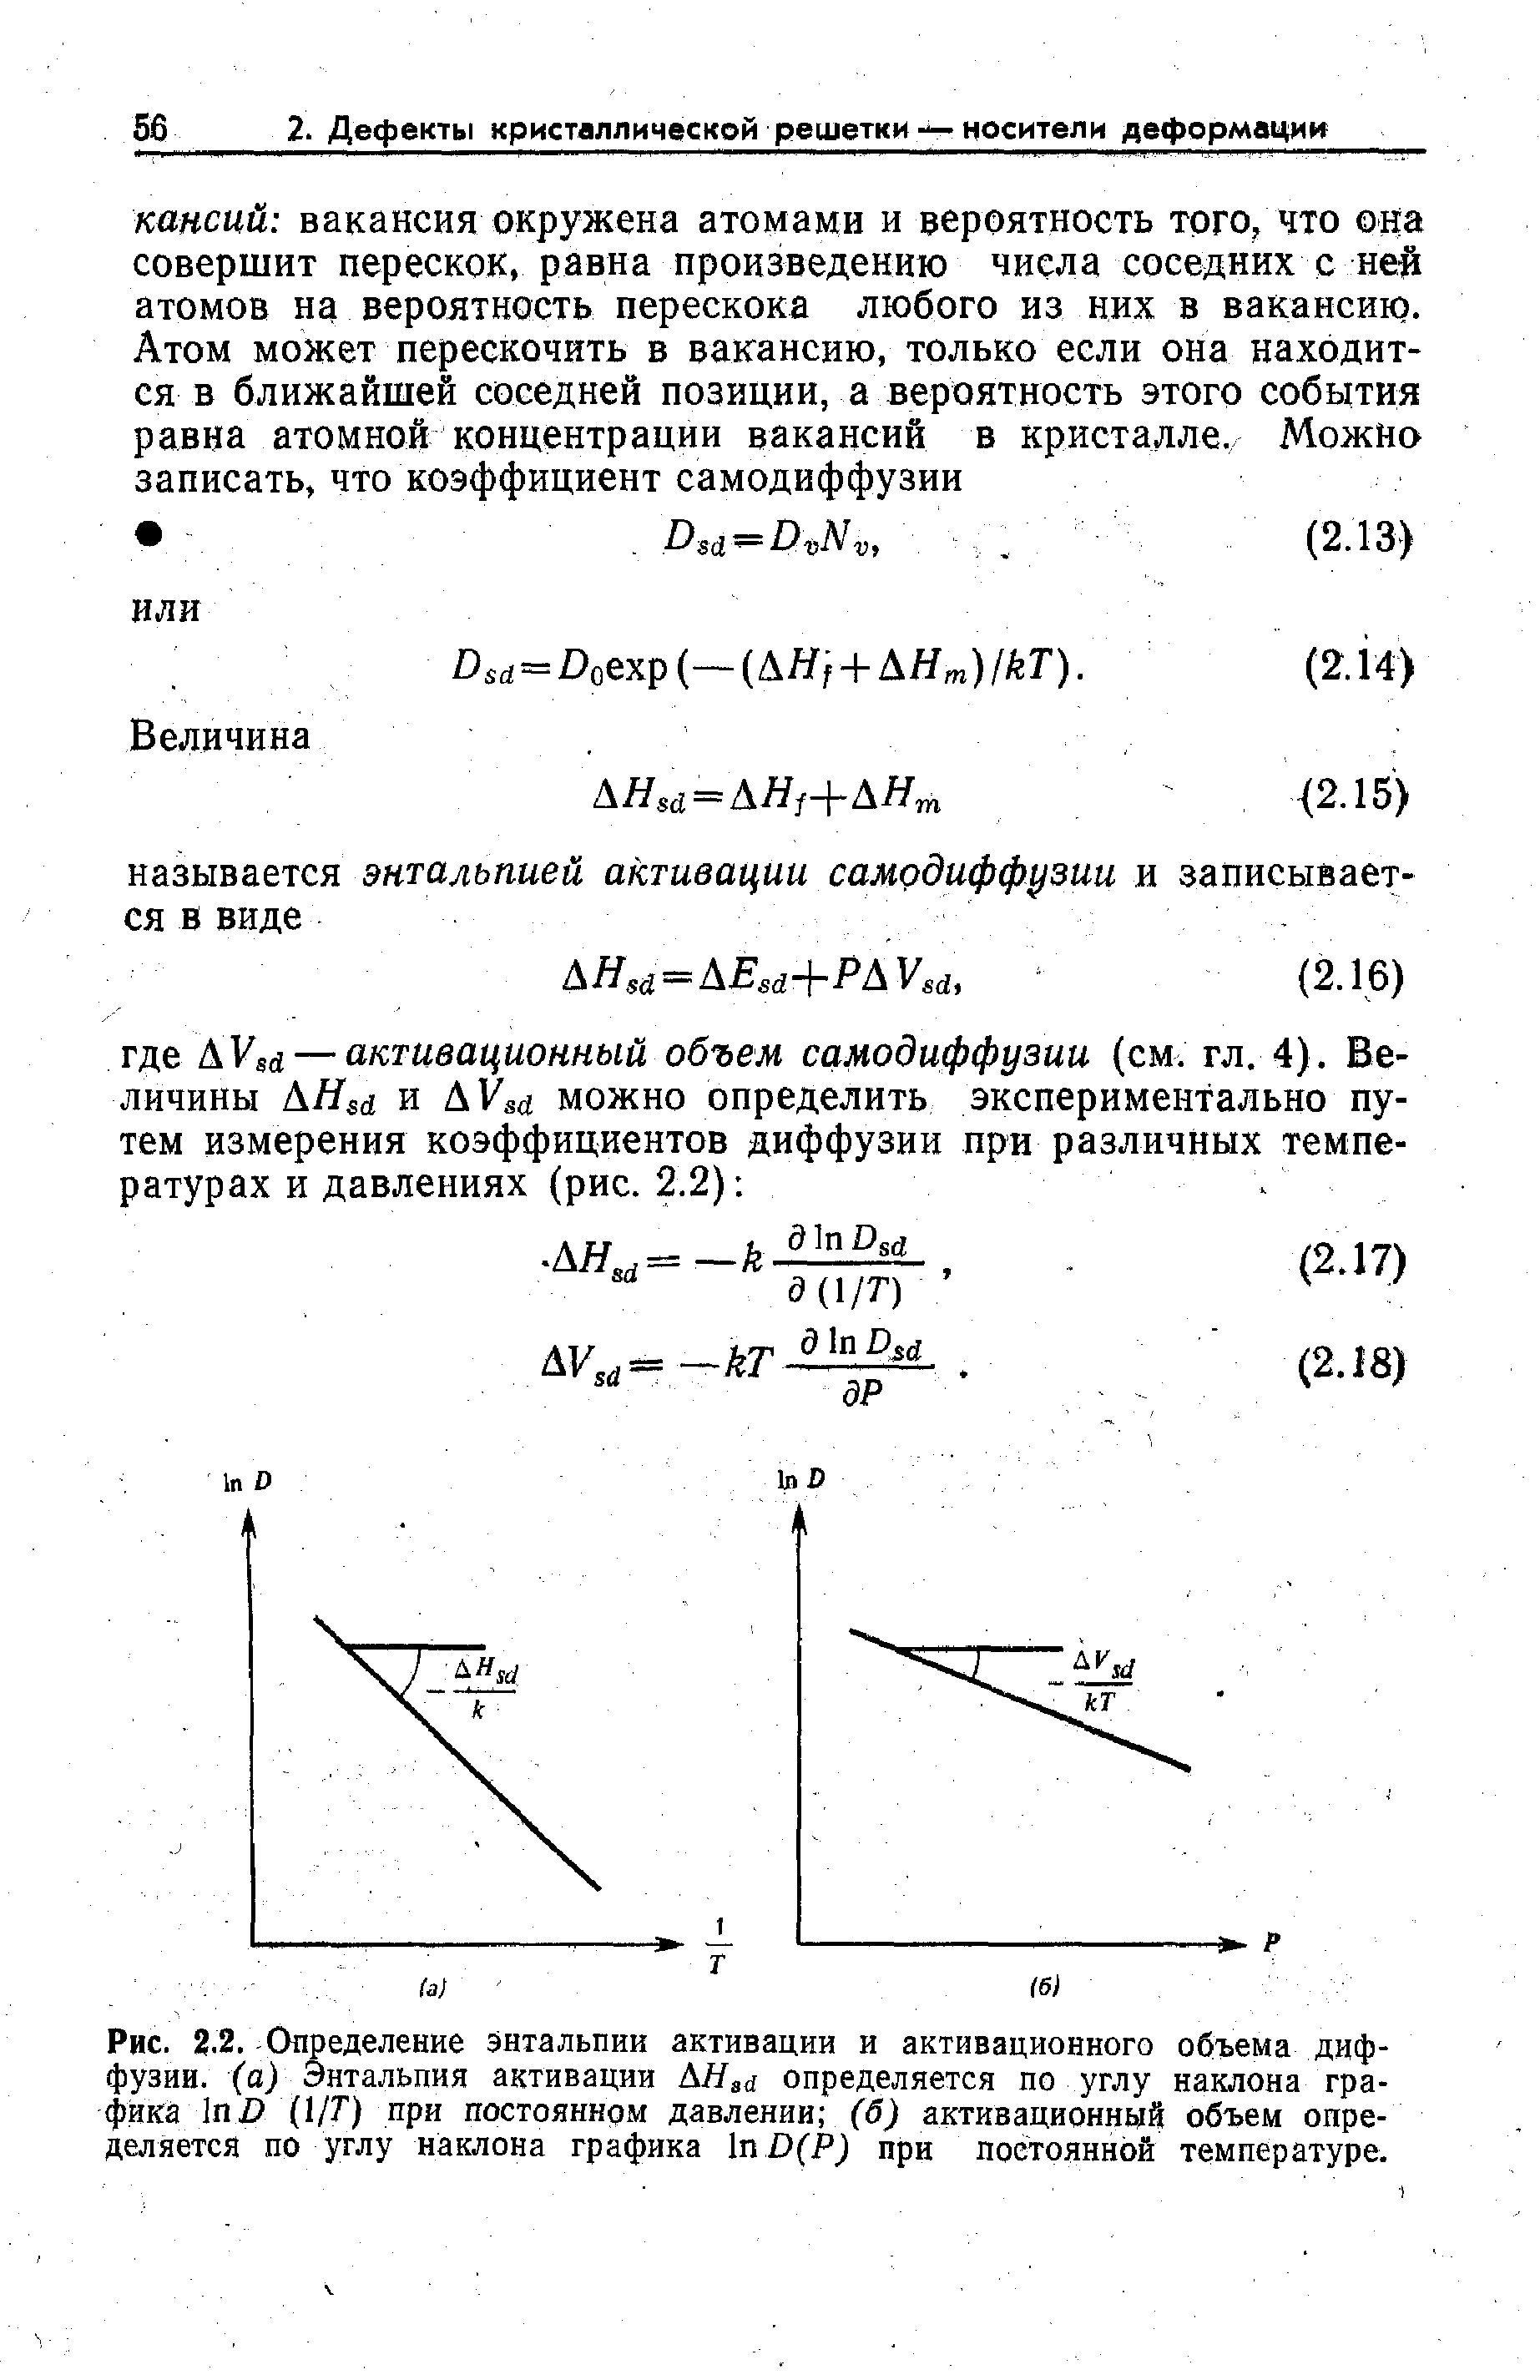 Энтальпия образования википедия